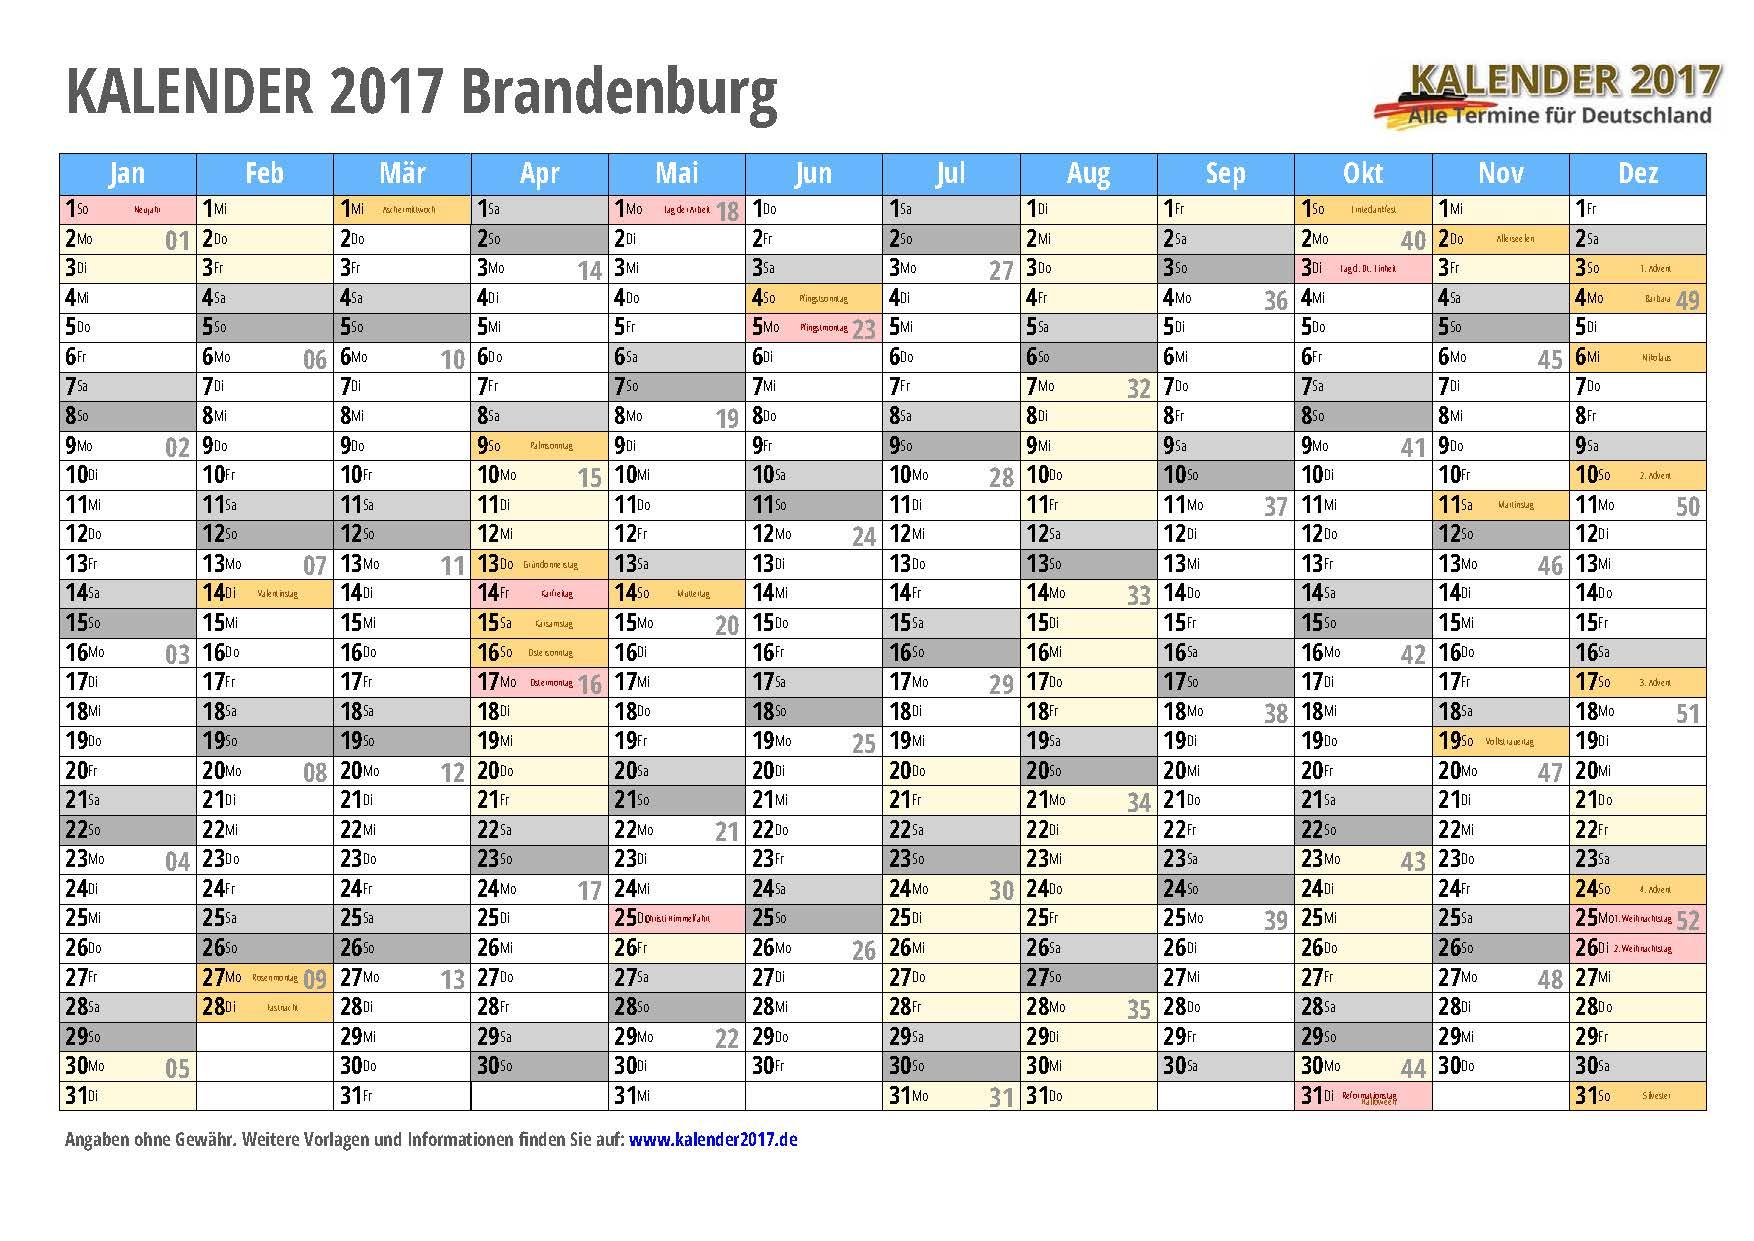 kalender 2017 brandenburg zum ausdrucken kalender 2017. Black Bedroom Furniture Sets. Home Design Ideas